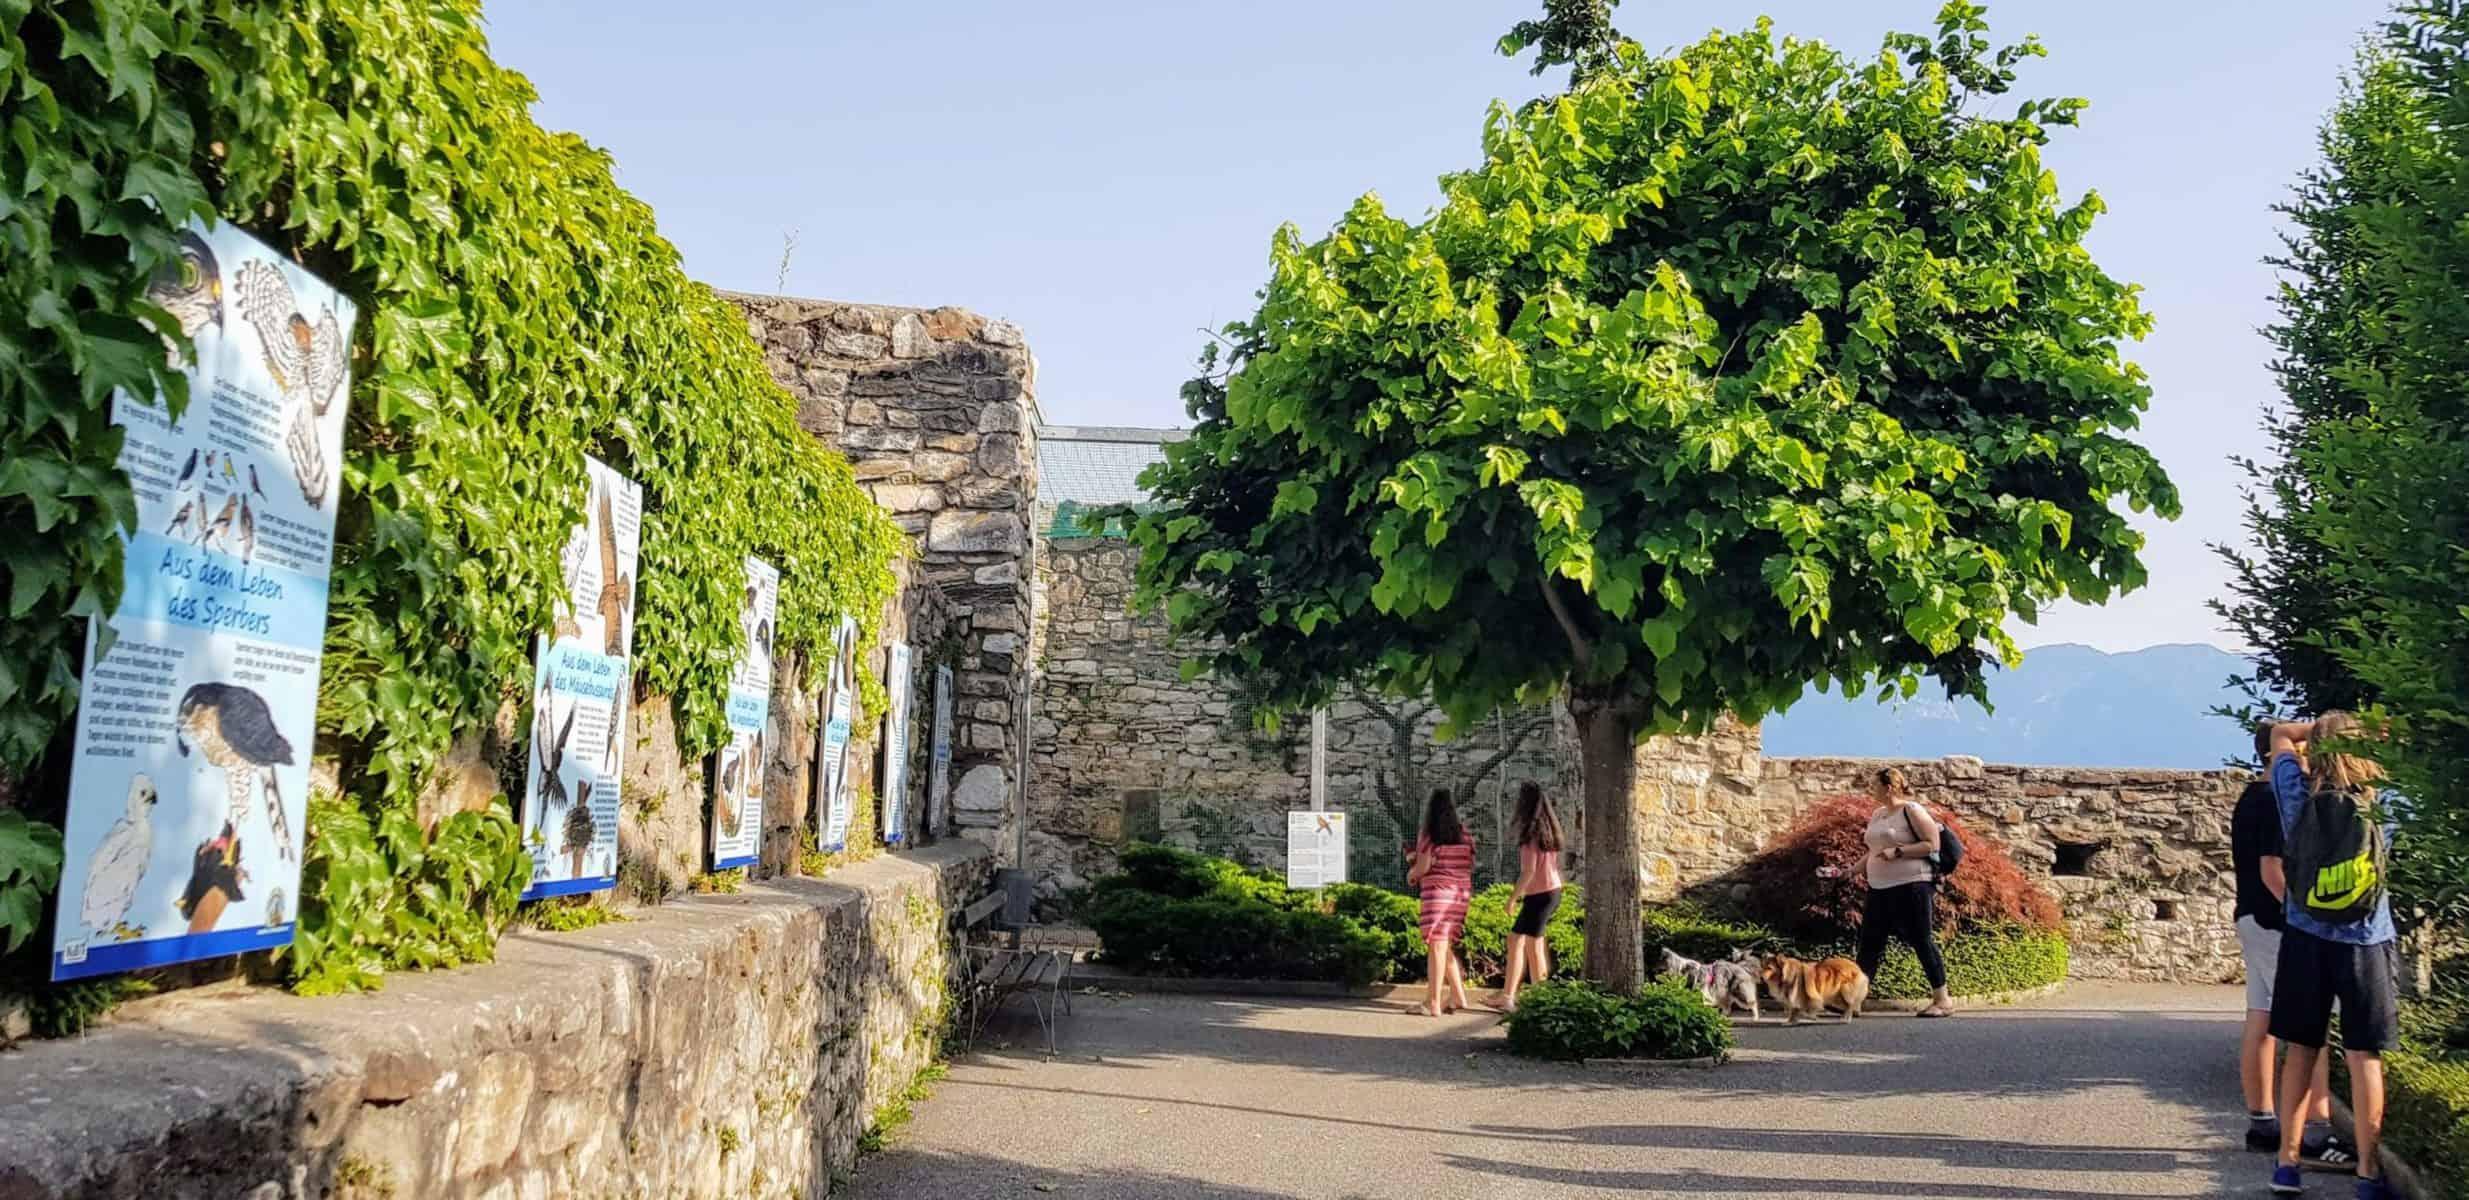 Greifvogelpark & Zoo Adlerarena Burg Landskron im Sommer